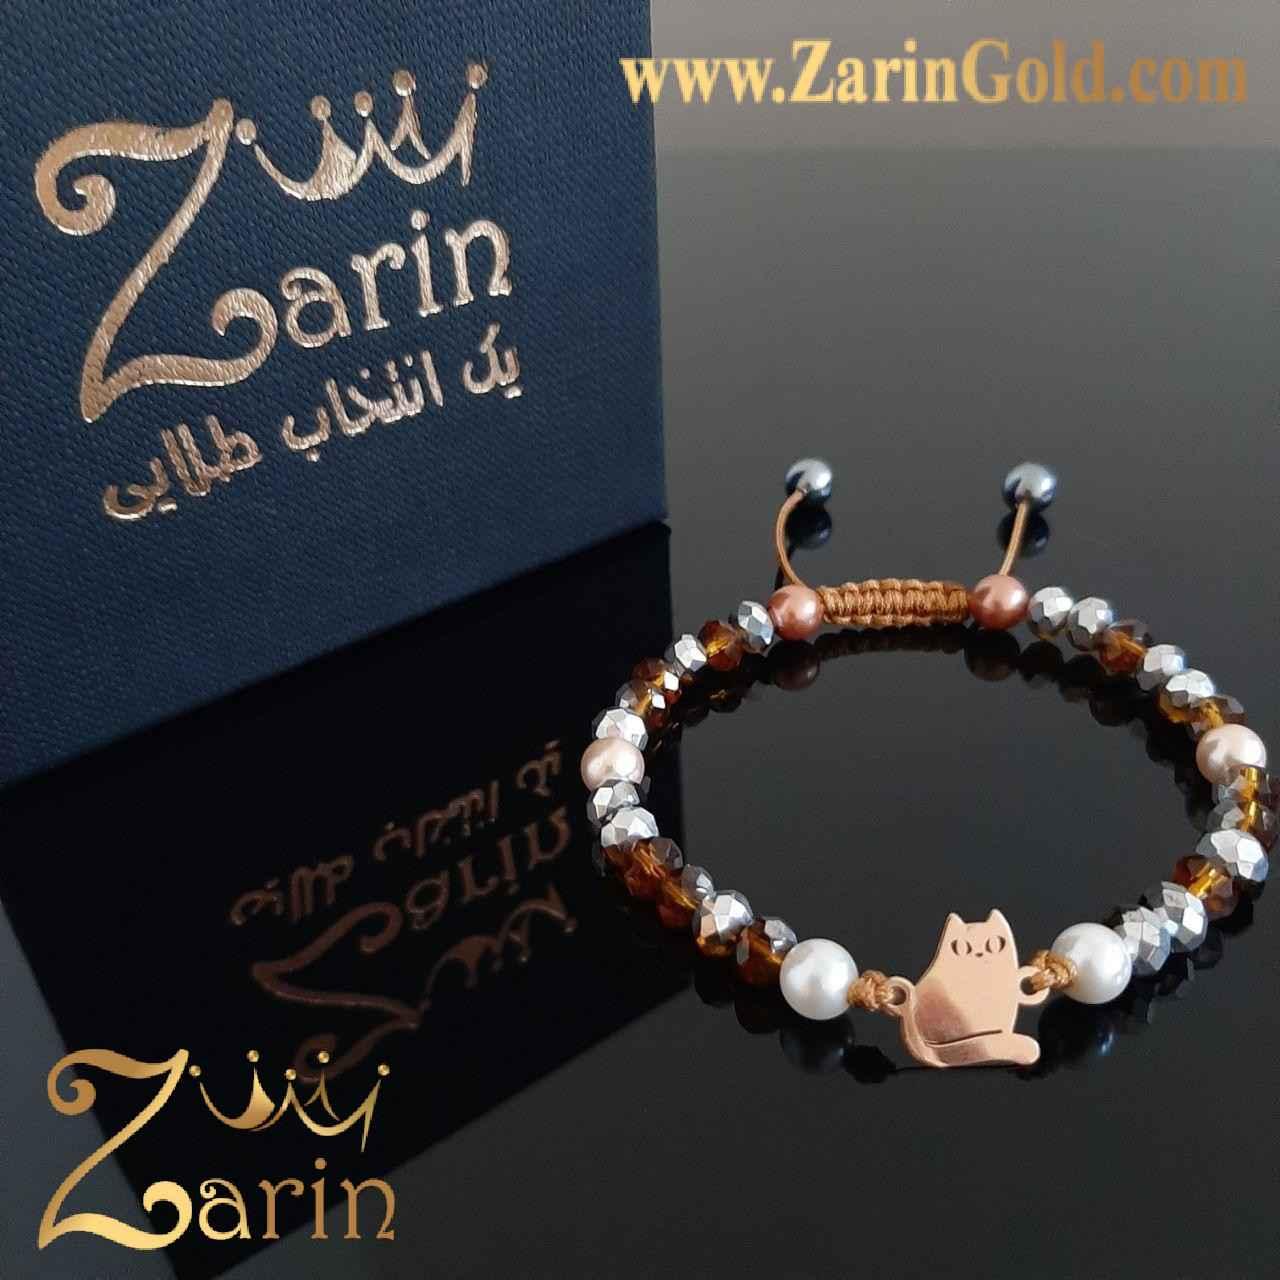 دستبند طلا مدل ویرگول با سنگ